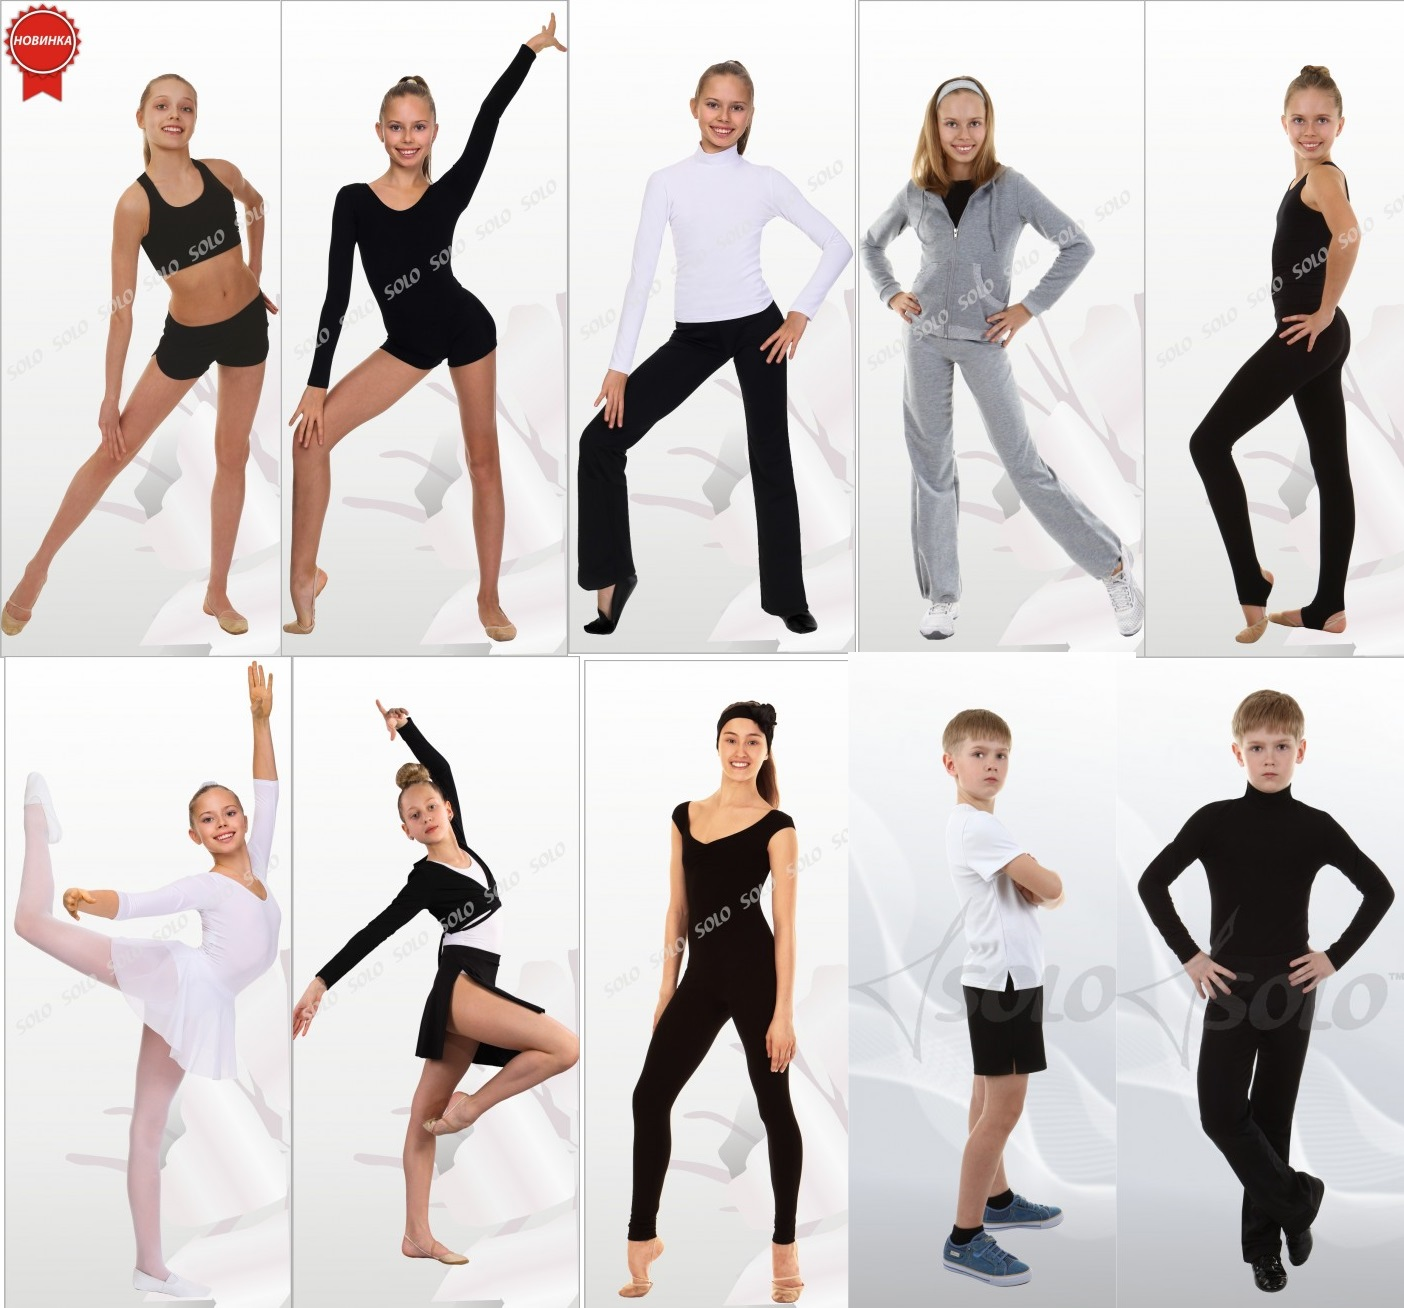 Спортивная одежда - 29. Одежда для гимнастики, хореографии и балета. Новинка - обувь для гимнастики и танцев. Чехлы на предметы для гимнастики. Размерный ряд с 28 по 50. Без рядов!